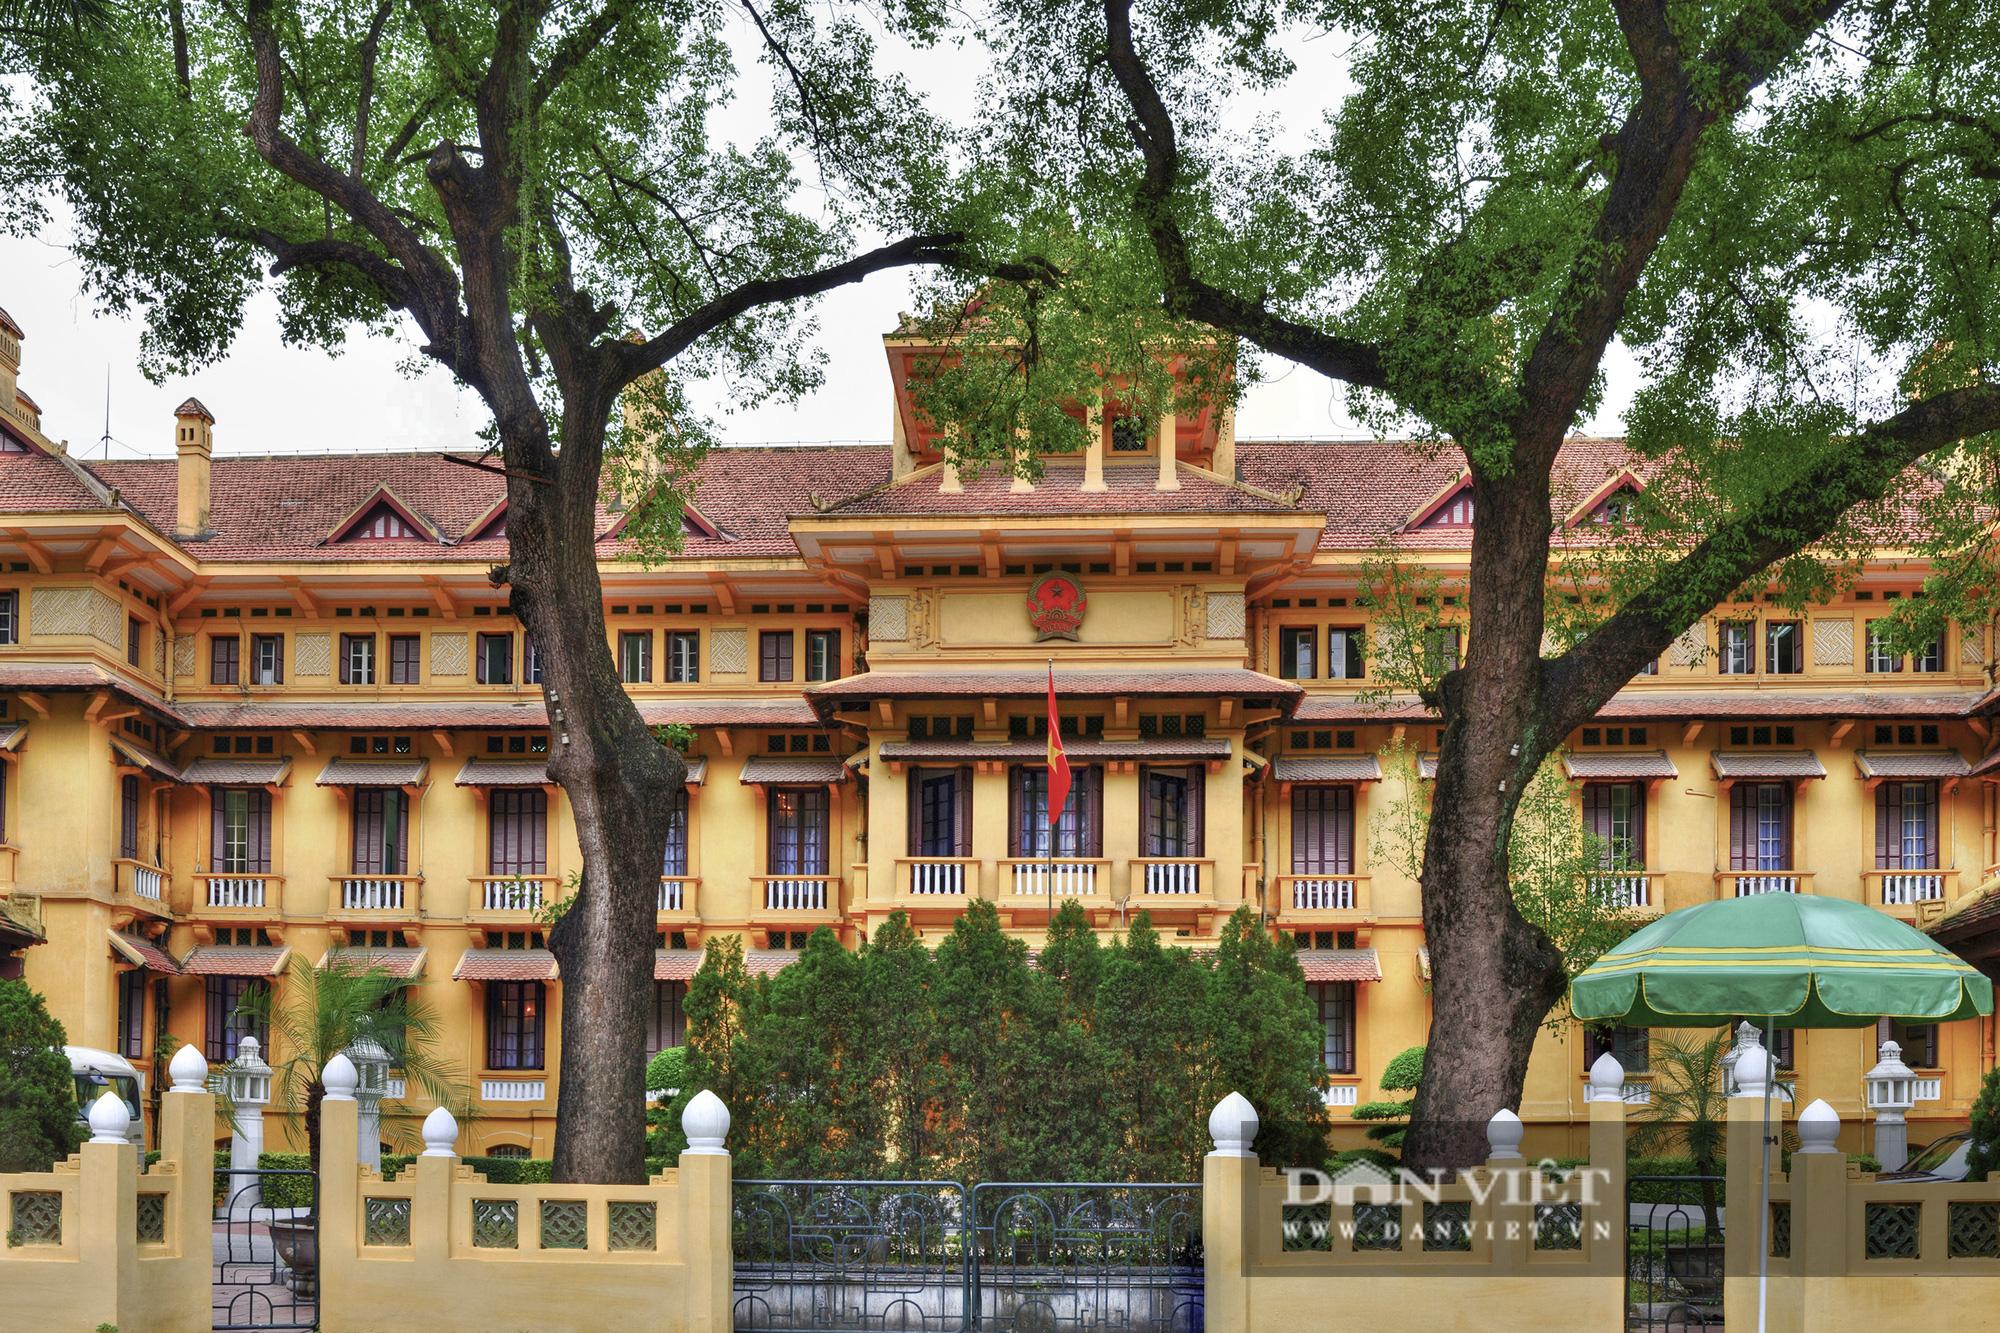 10 công trình kiến trúc Pháp cổ tuyệt đẹp tại Hà Nội - Ảnh 9.